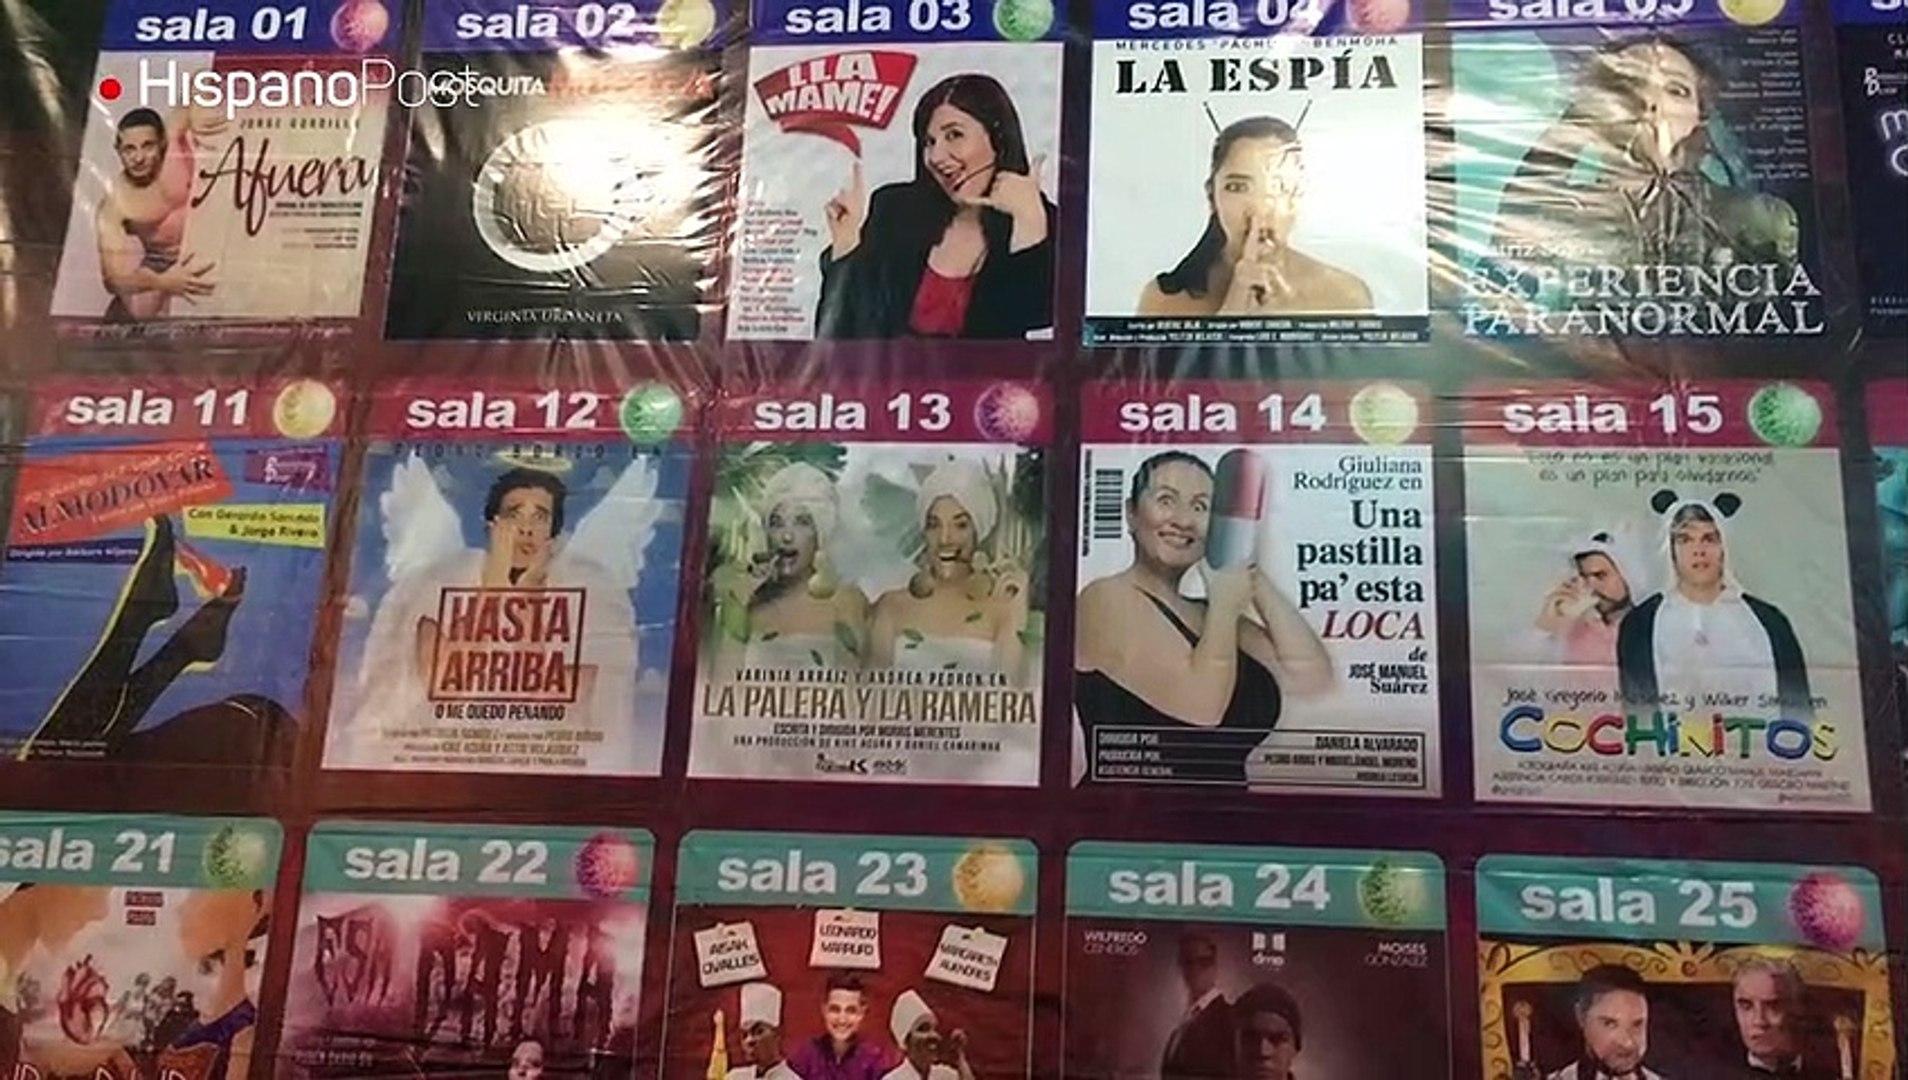 30 propuestas ofrece la XIX temporada del Teatro de ¼ que se presenta actualmente en Caracas